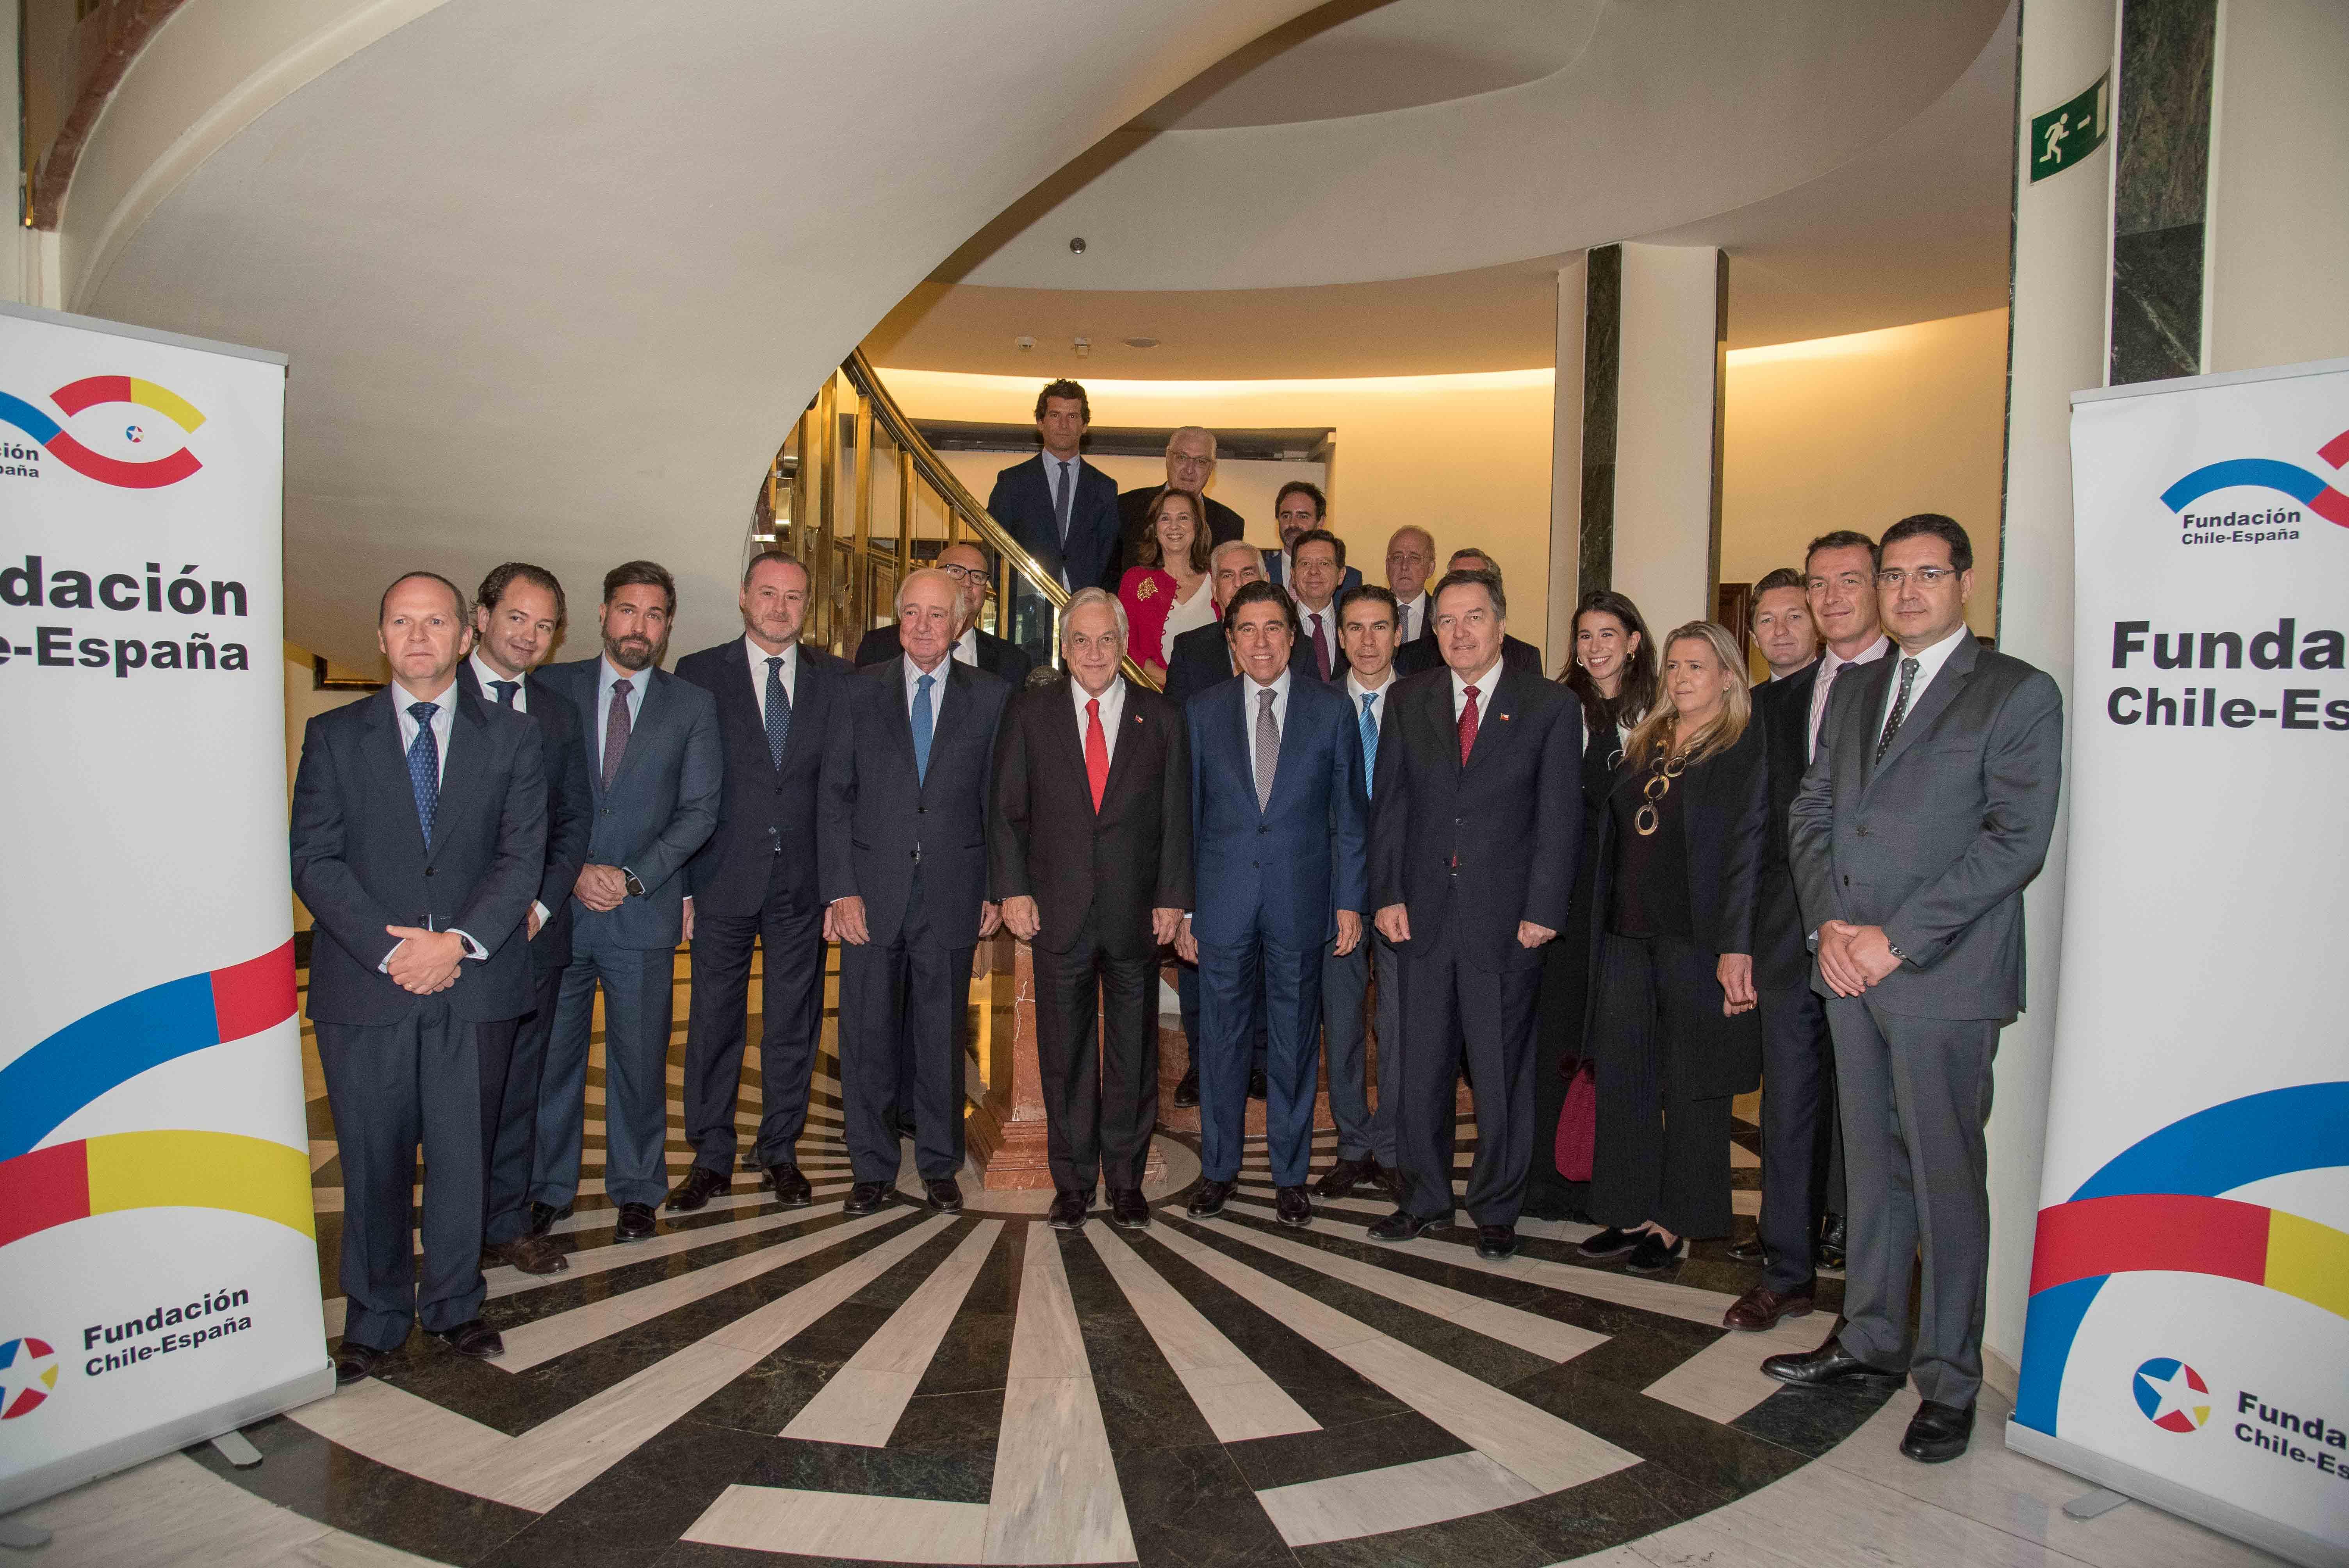 El presidente de Chile, Sebastián Piñera, estuvo con los Patronos y colaboradores de la Fundación Chile-España durante su gira por Europa